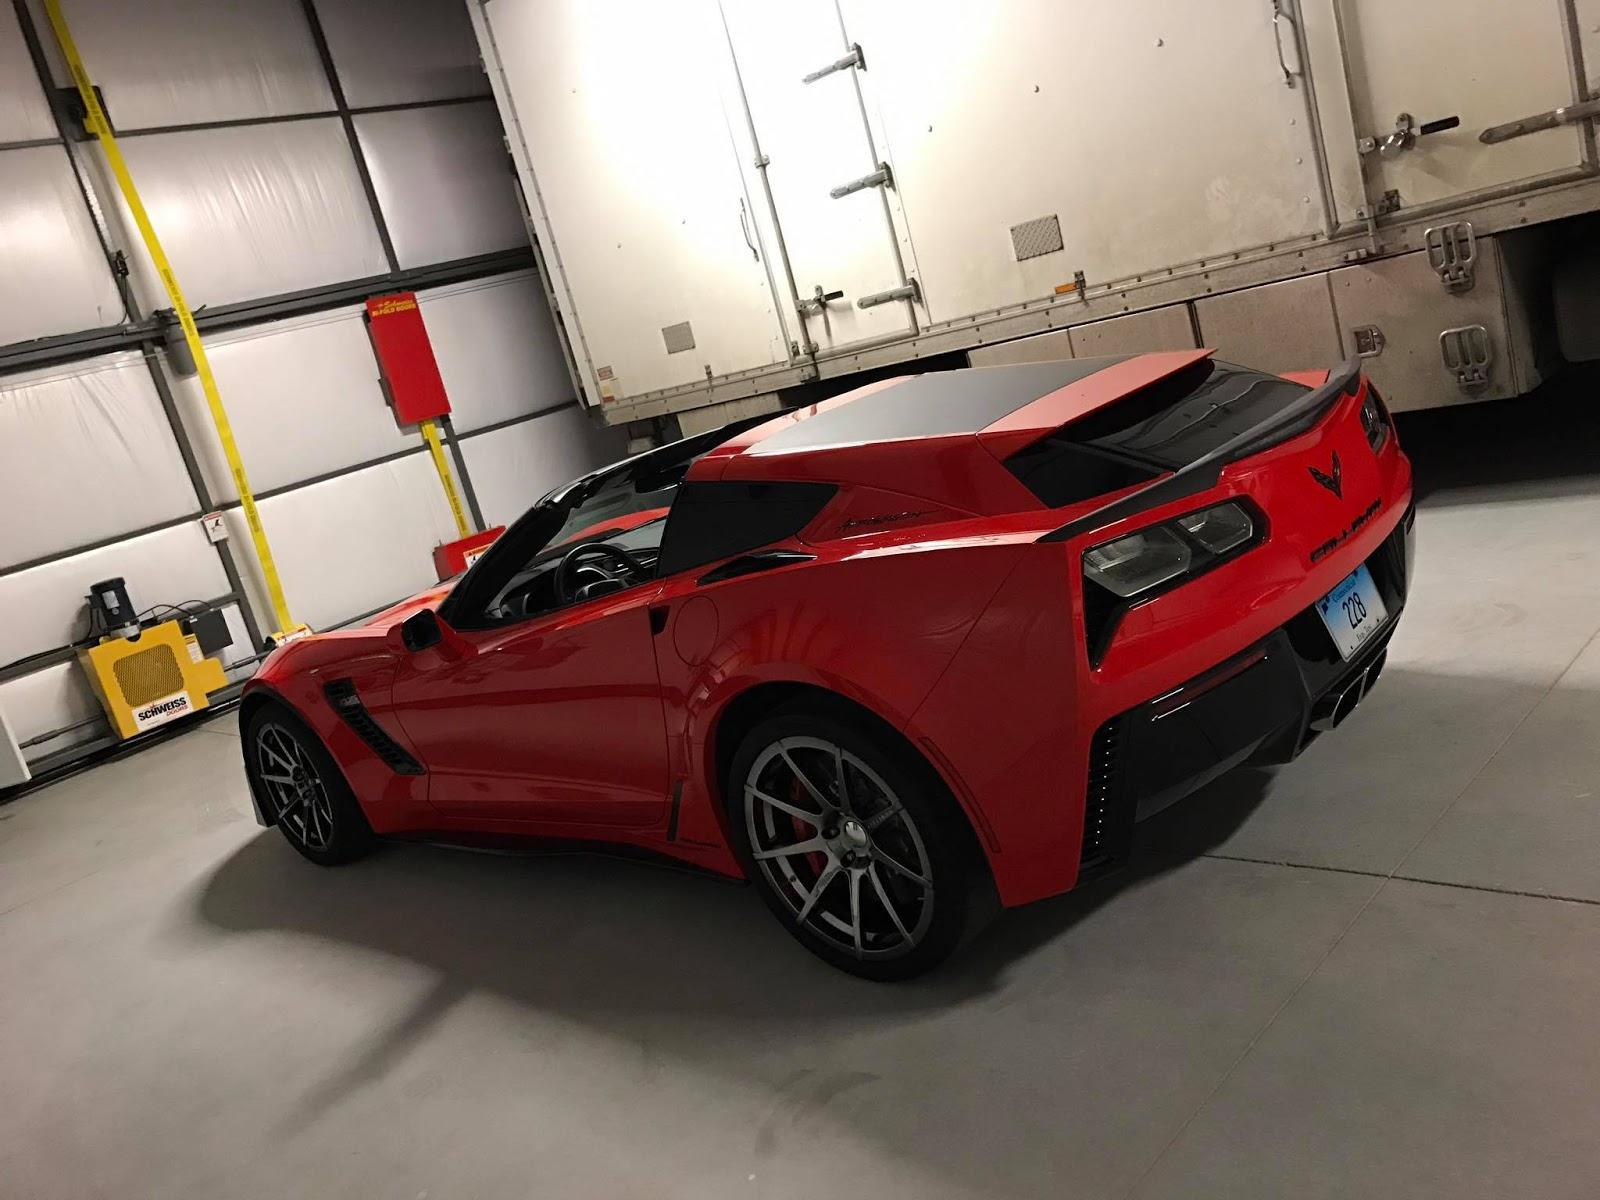 Callaway Corvette AeroWagen 10